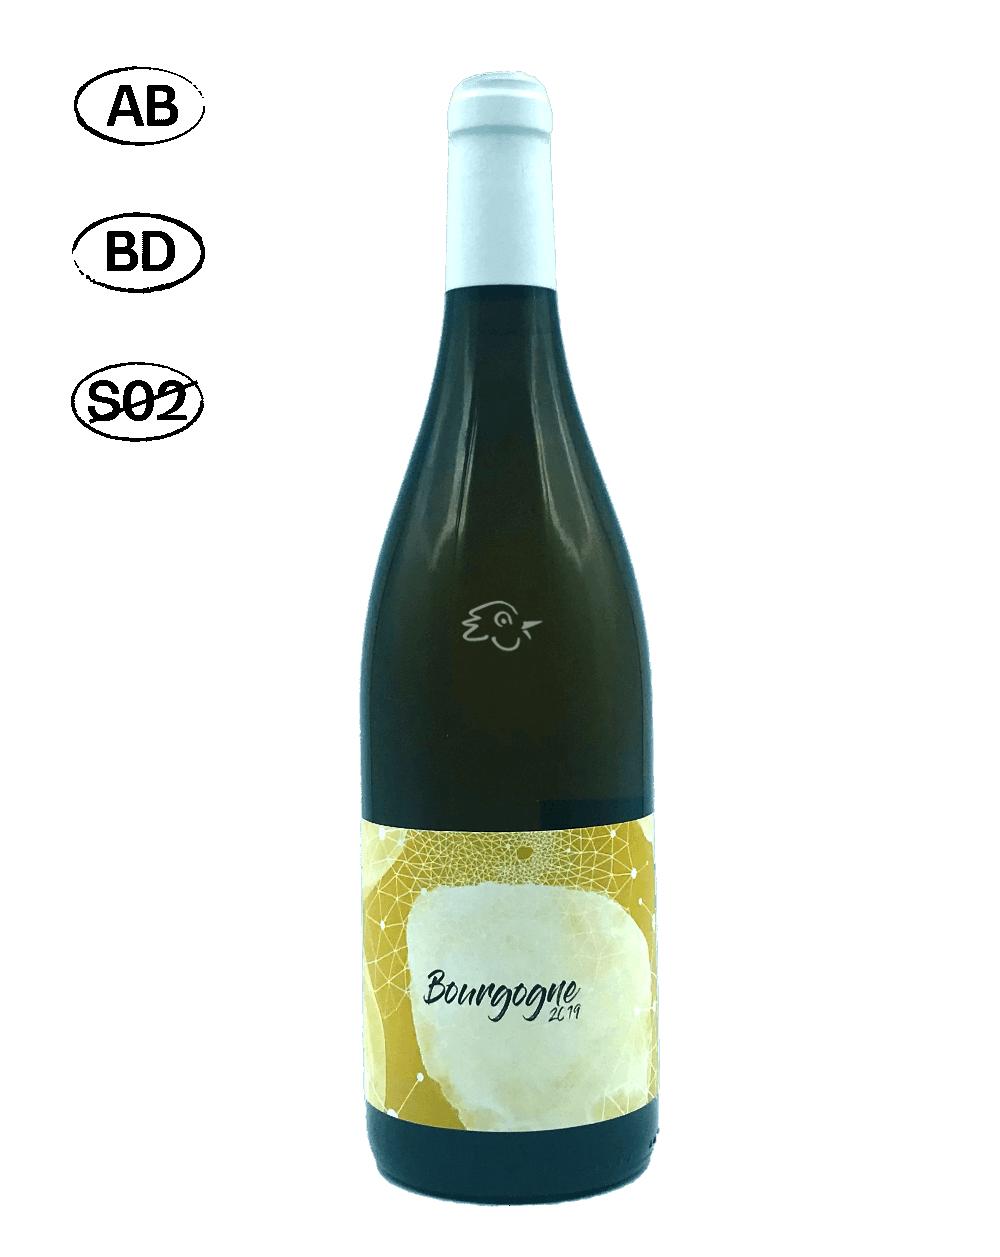 Domaine Didon - Bourgogne Blanc 2019 - Avintures